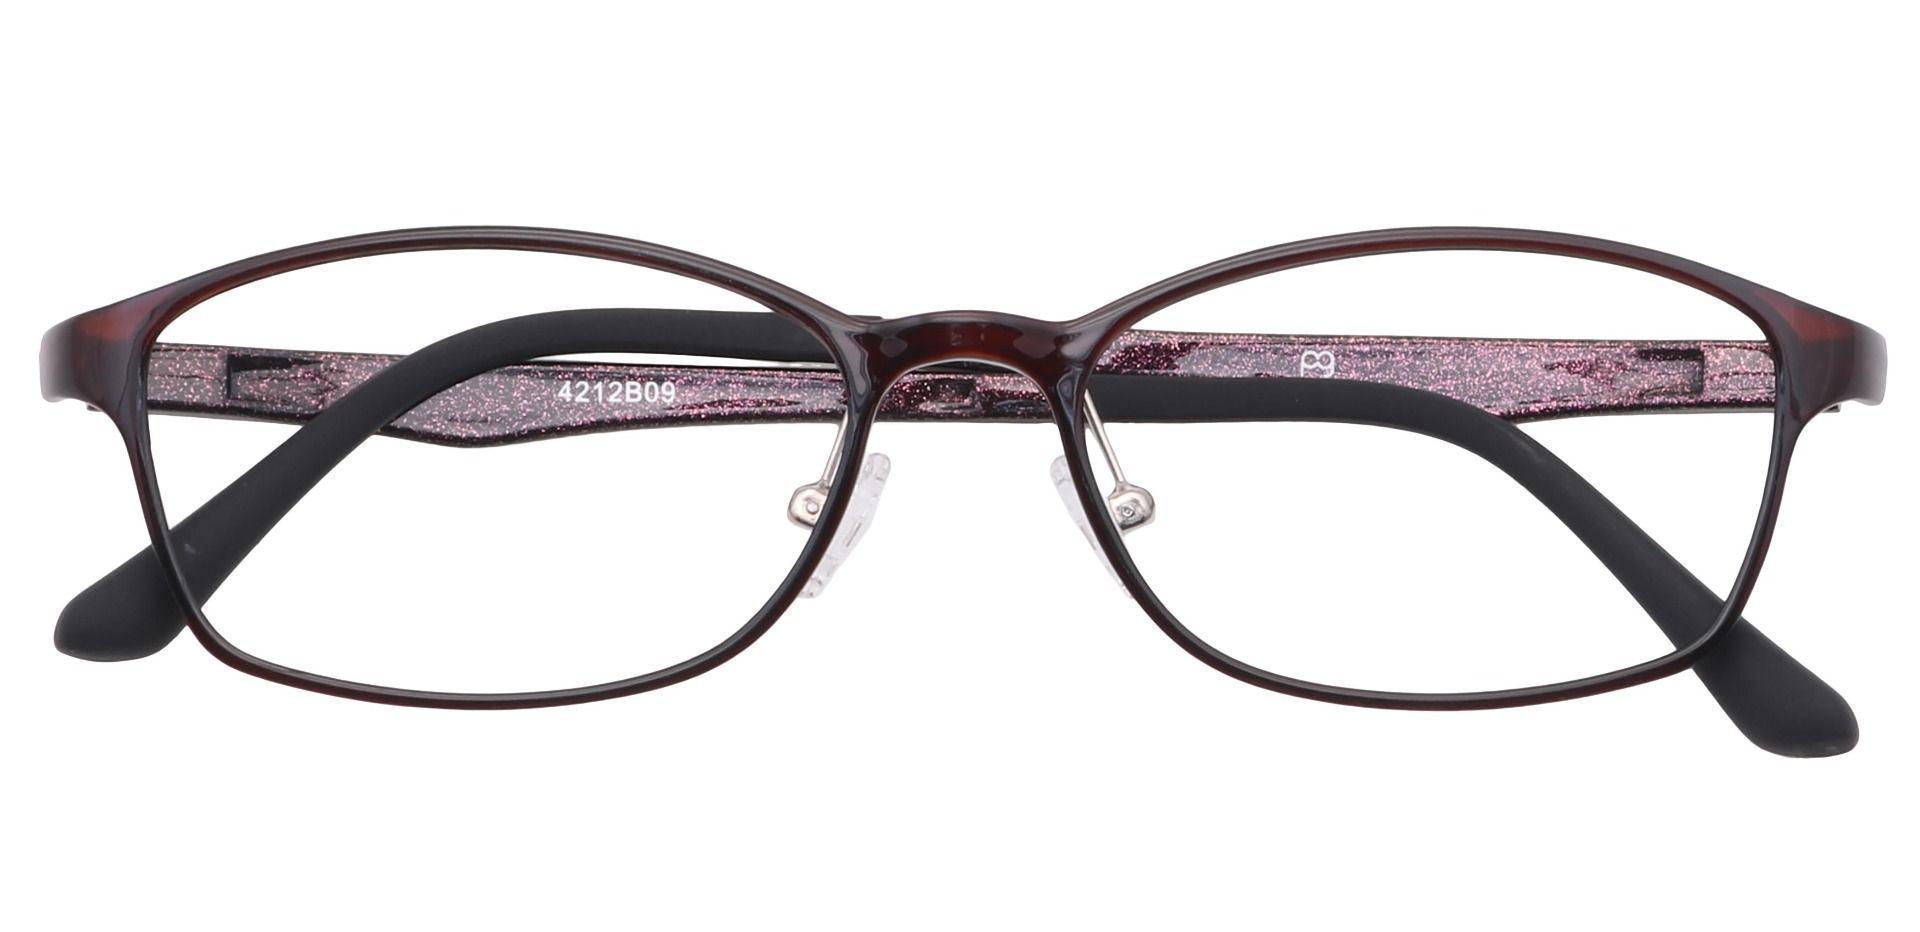 Sloan Oval Prescription Glasses - Dark Purple